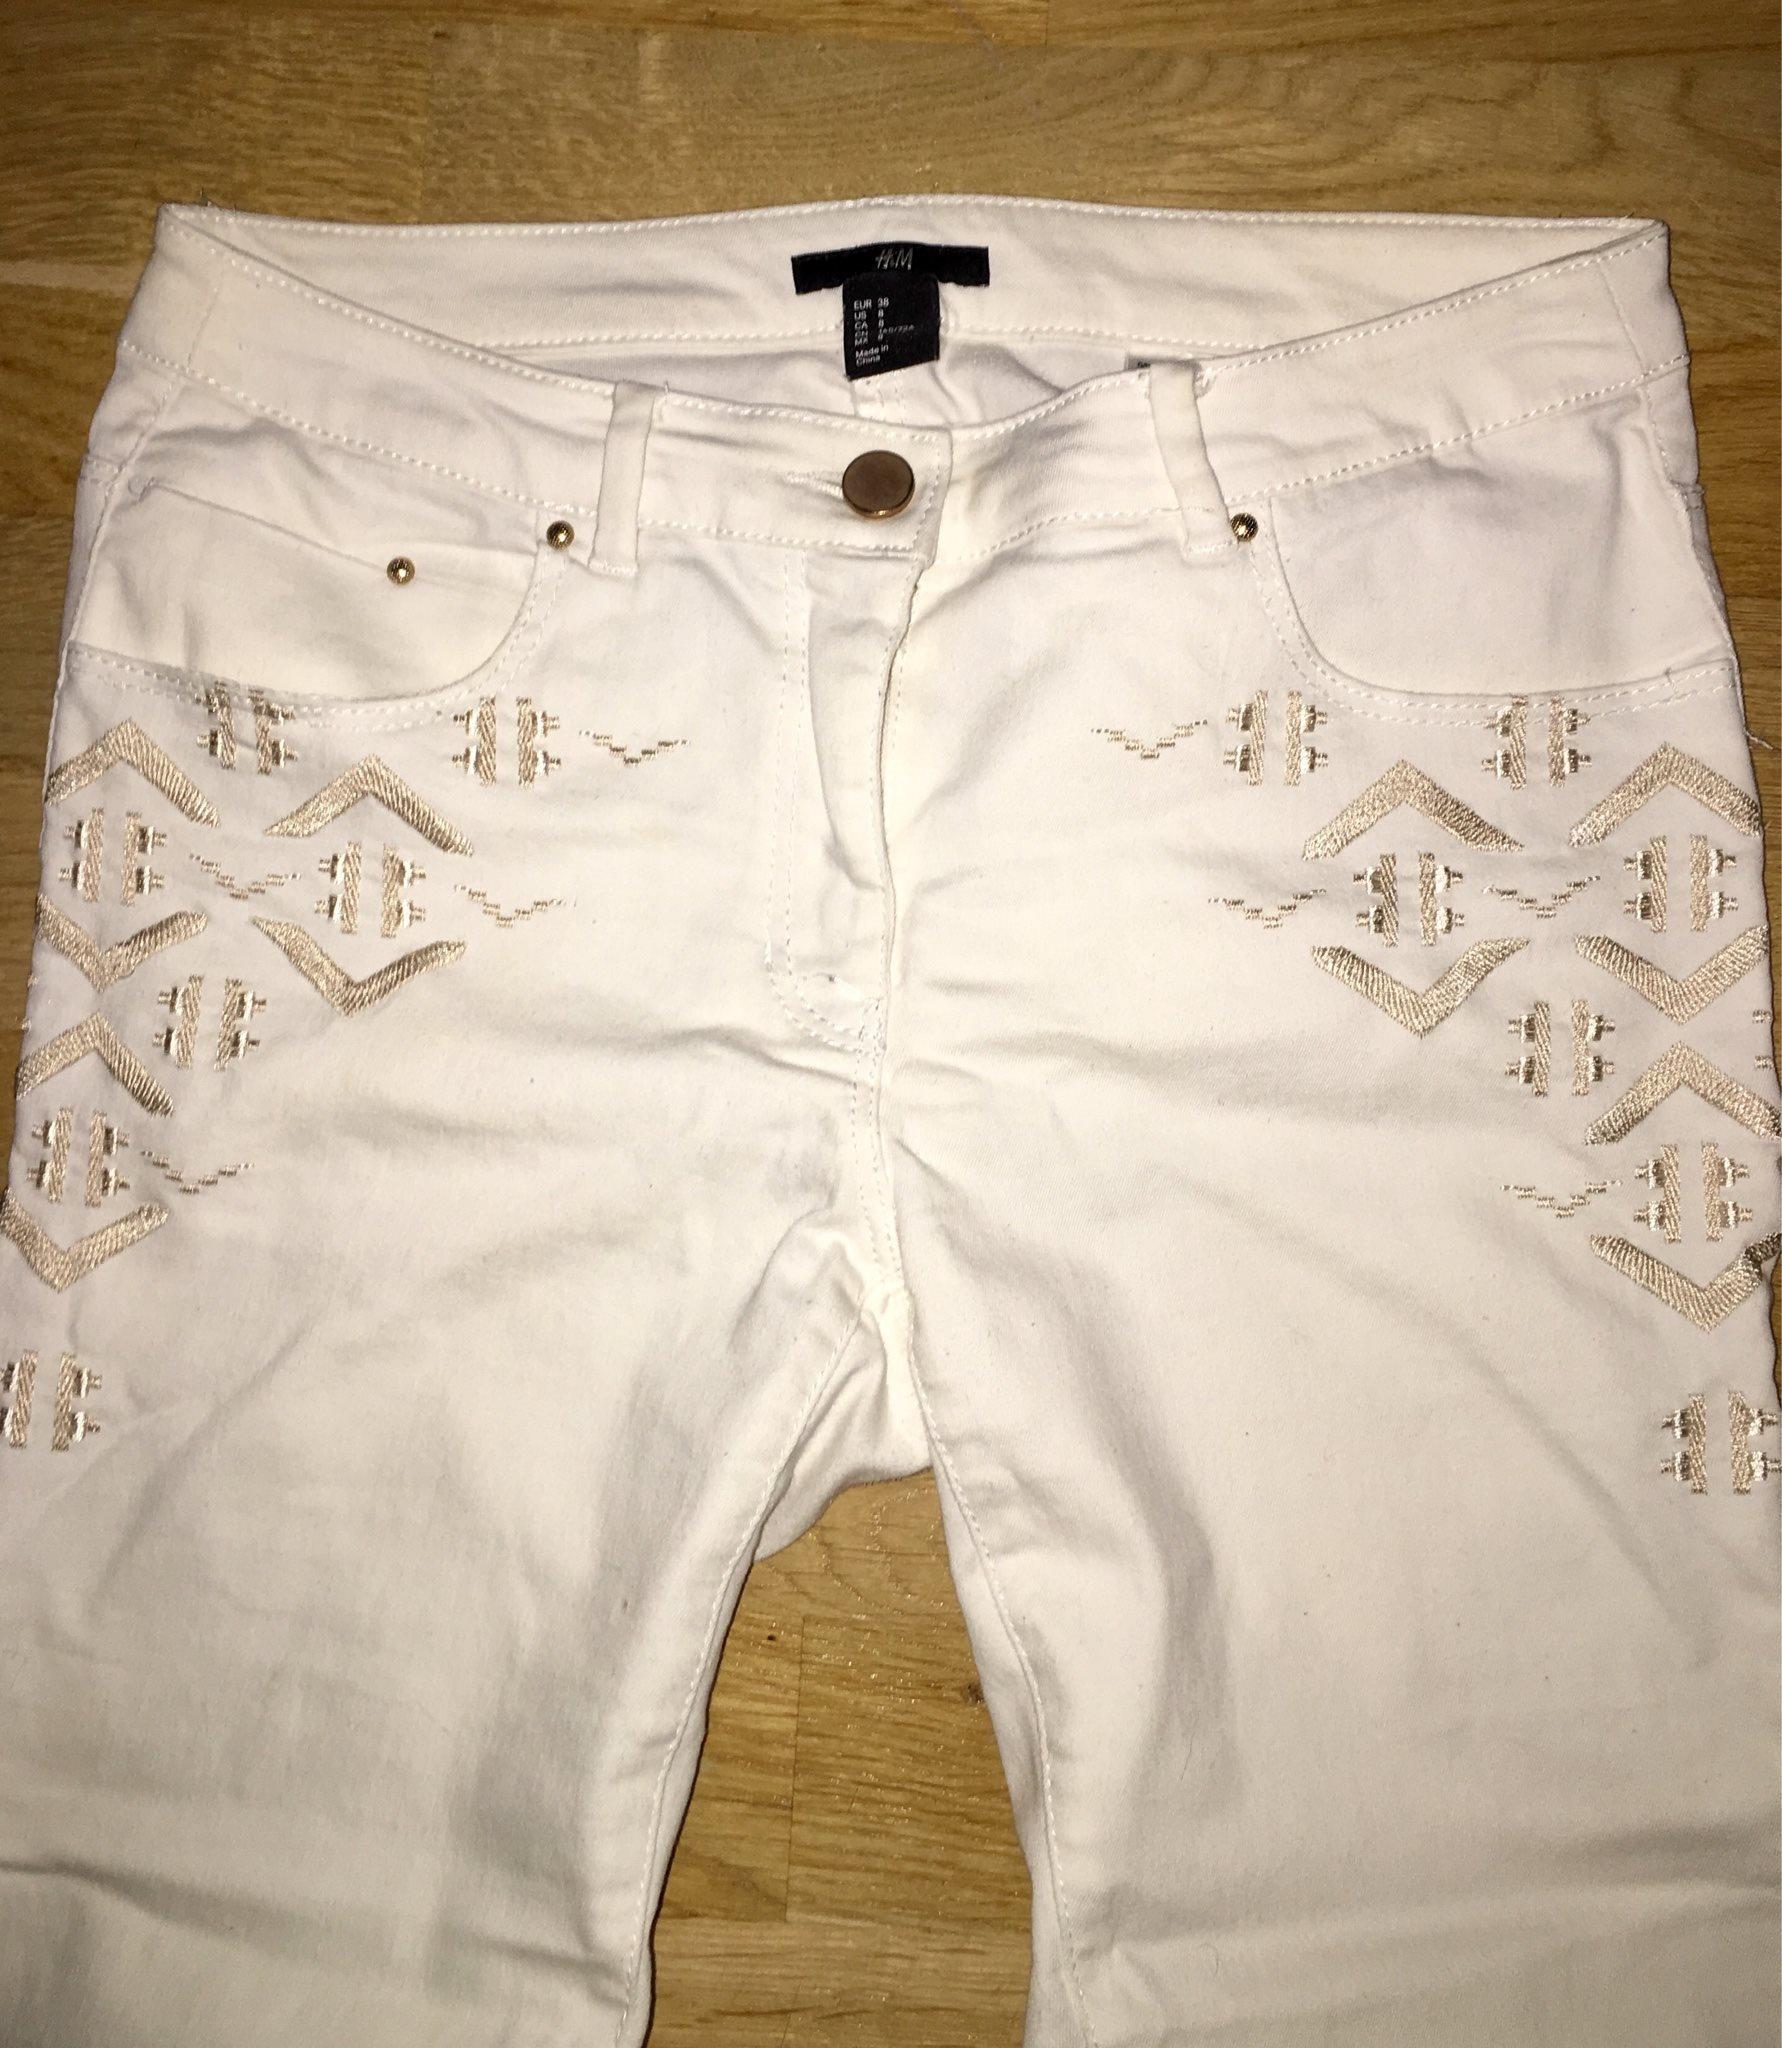 H M jeans med mönster (339151807) ᐈ Köp på Tradera e9f8091c2368a